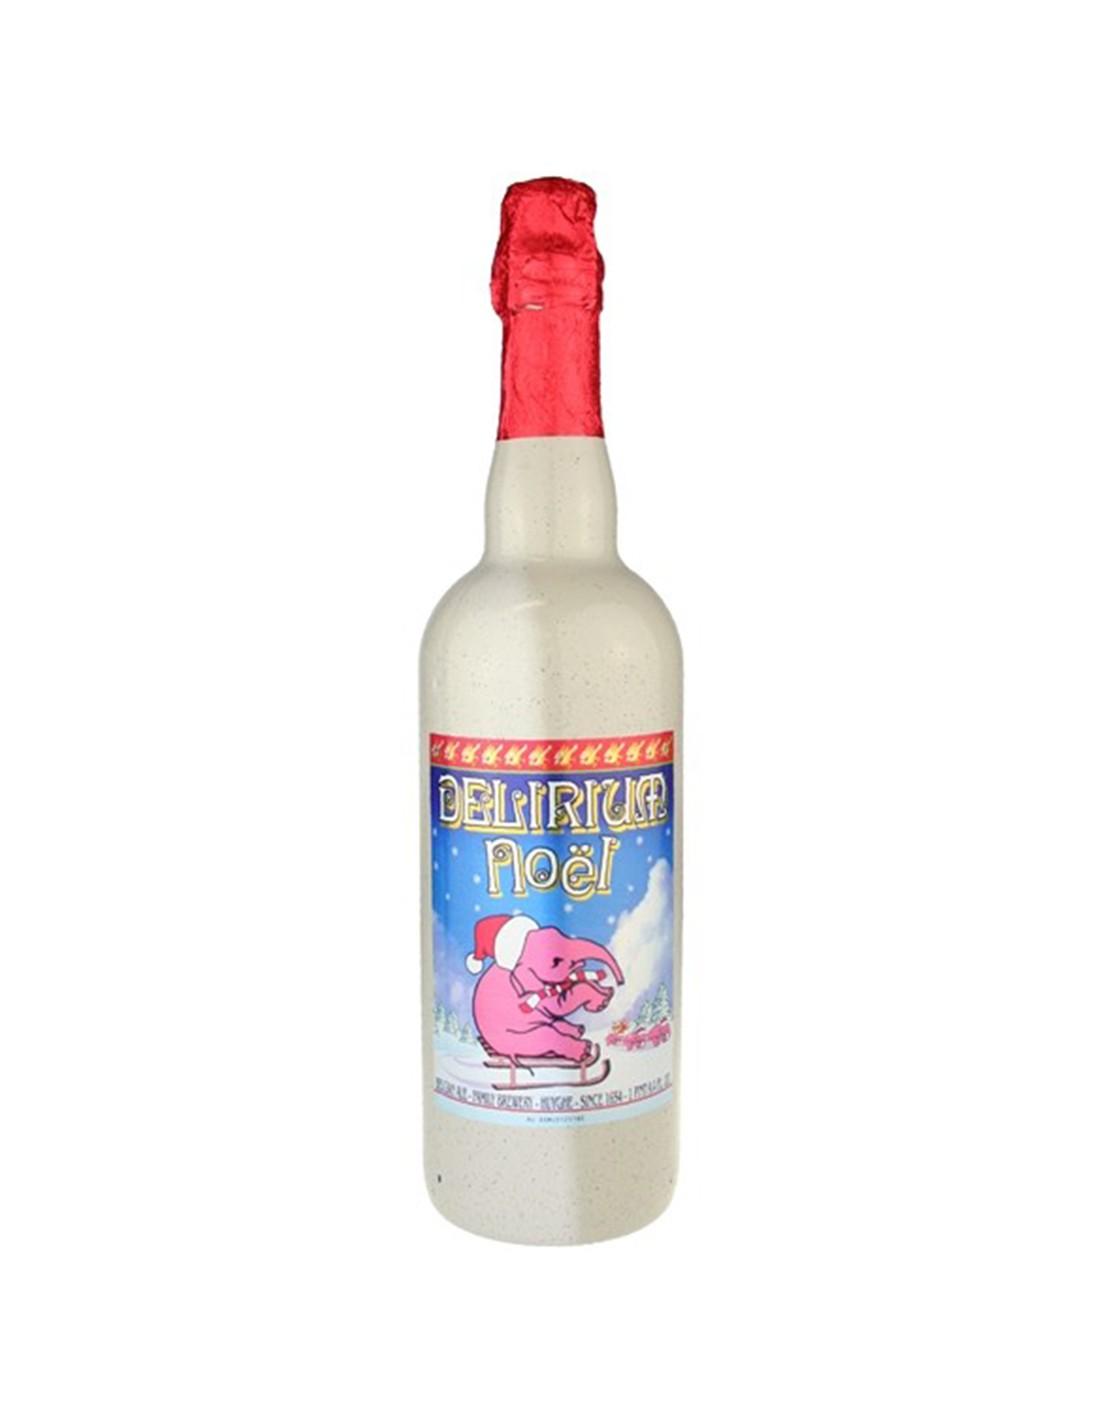 Bere bruna Ale, Delirium Noel, 10% alc., 0.75L, Belgia